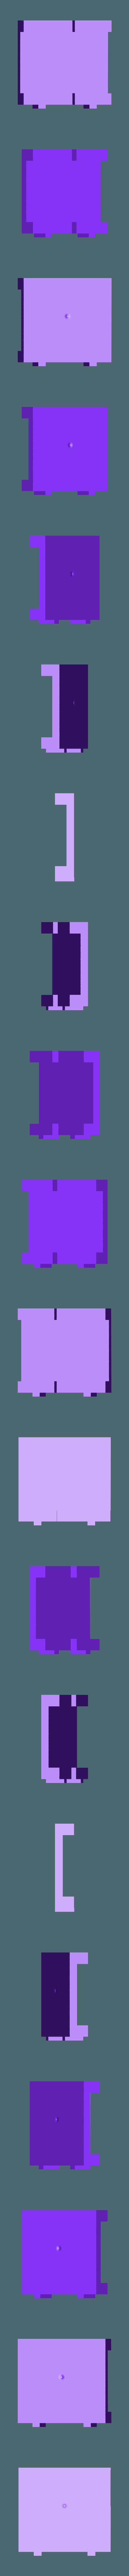 Side2.stl Télécharger fichier STL gratuit Boîte de casse-tête combinée • Modèle à imprimer en 3D, mtairymd